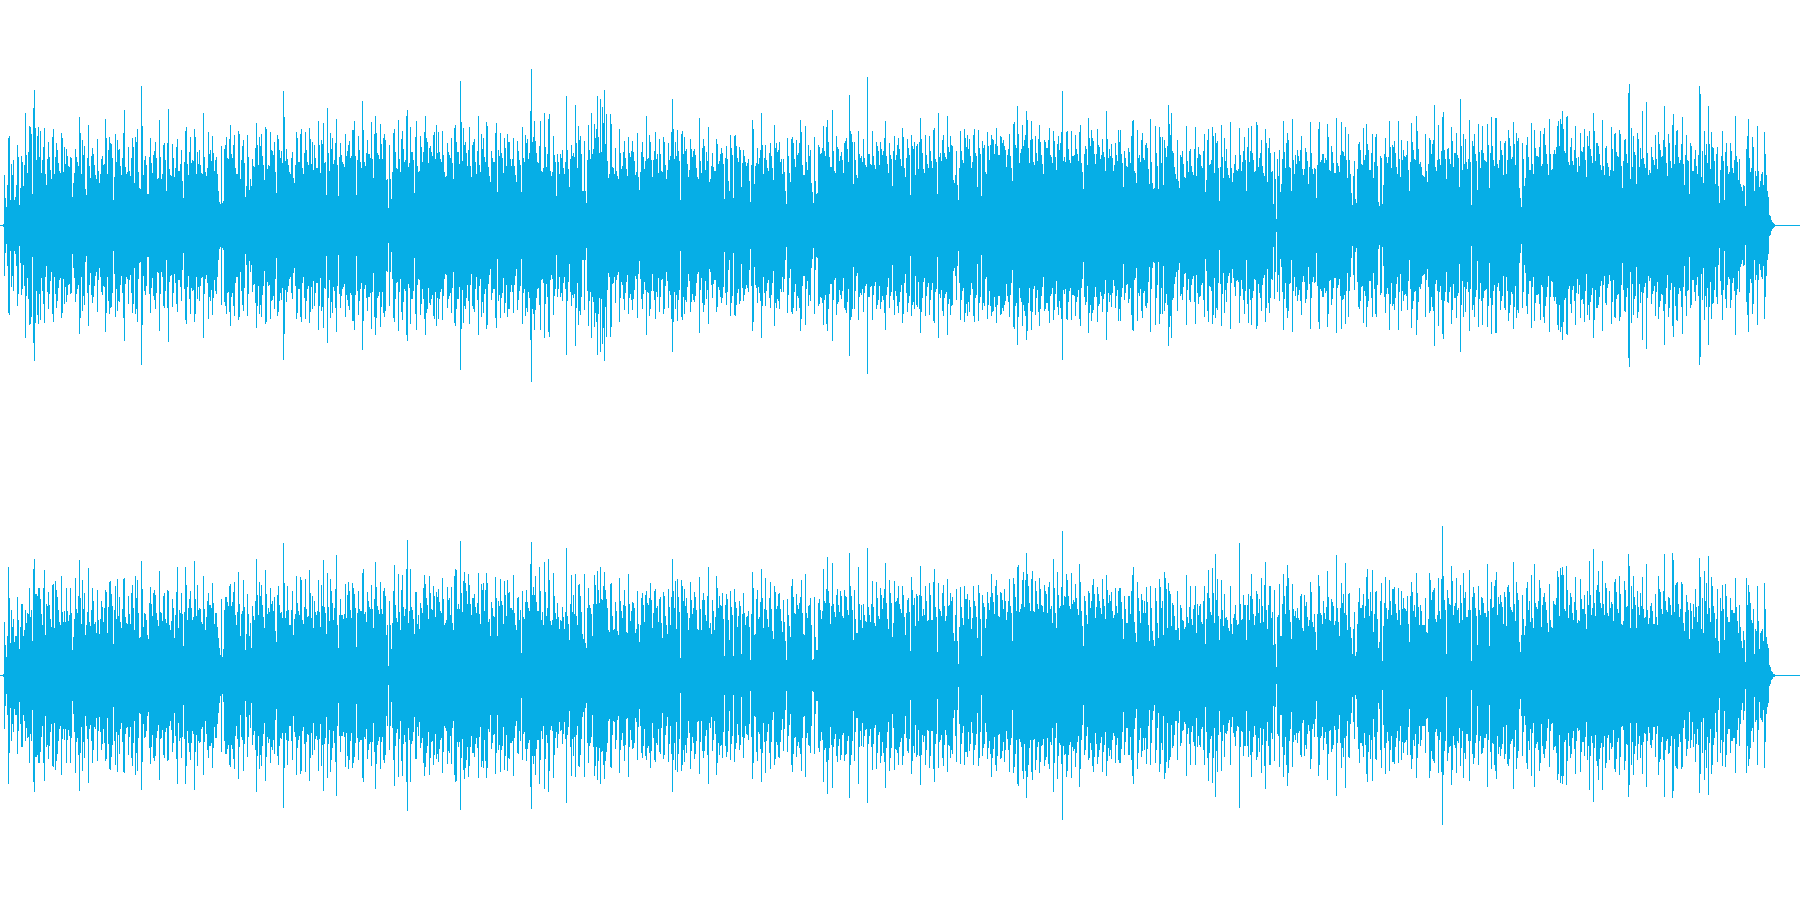 クラリネットの明るく陽気な曲・OP・映像の再生済みの波形